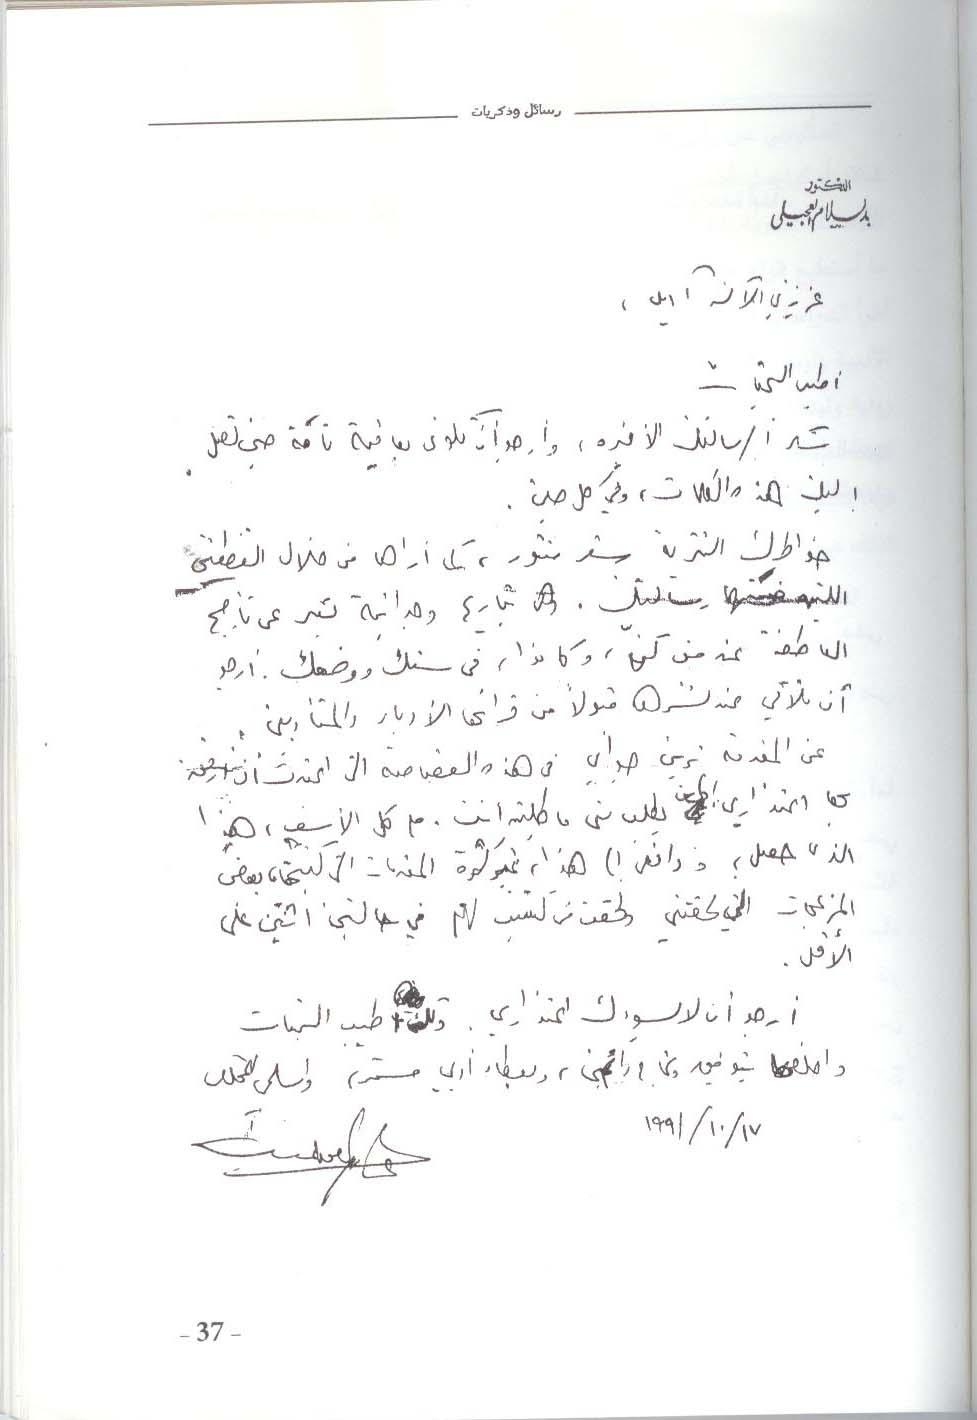 رسائل الأديب عبد السلام العجيلي إلى الشاعرة السورية آديل برشيني.jpg